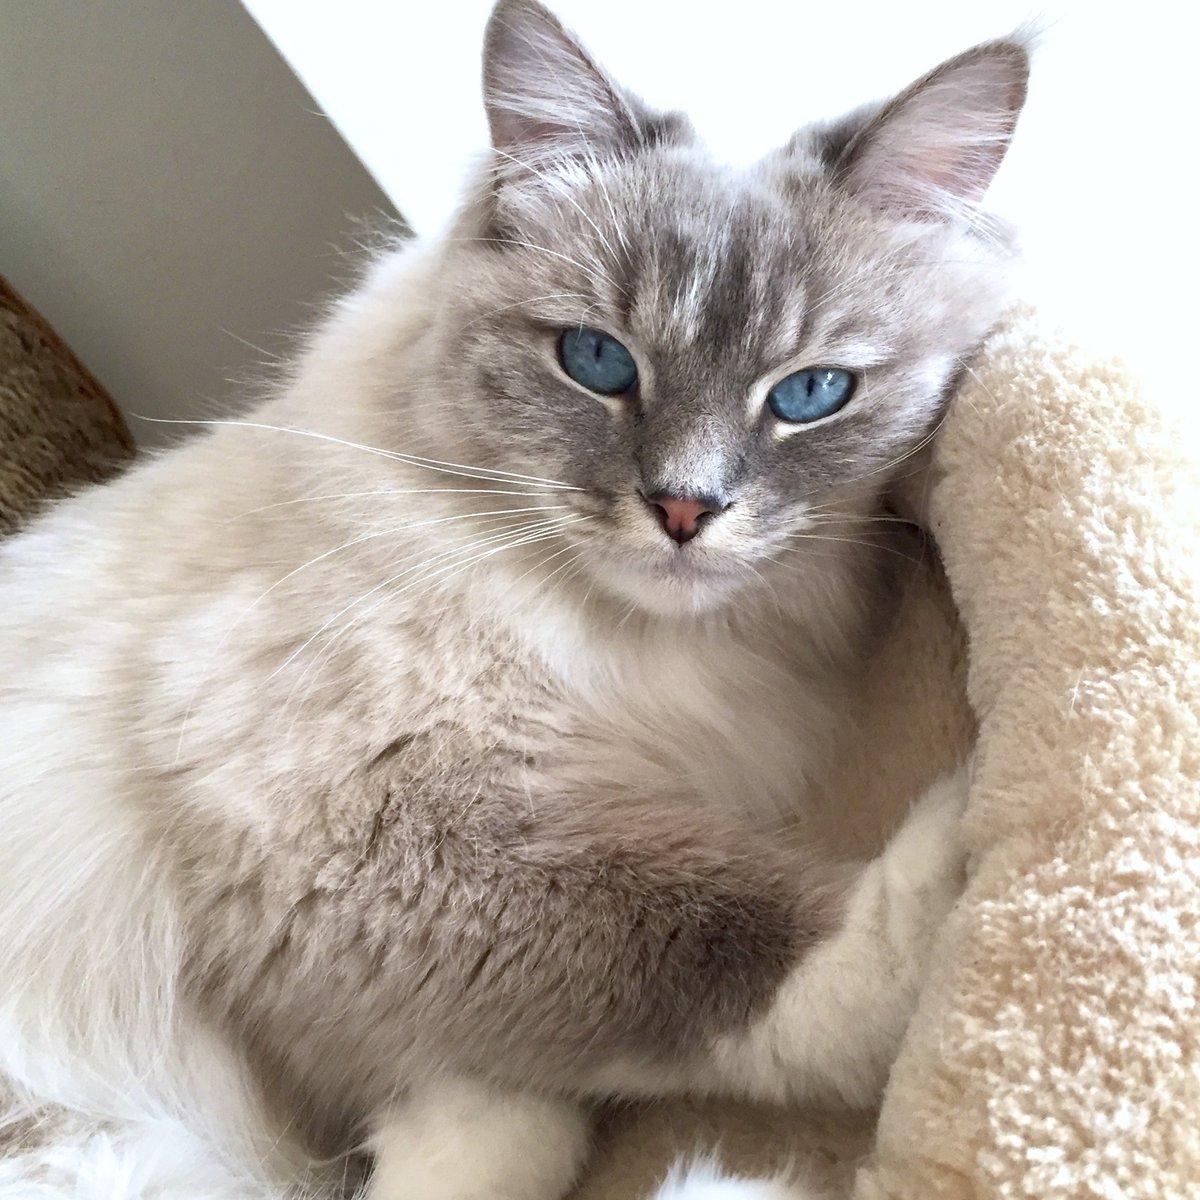 ▫️Hello Monday✨ #mandalatheragdoll   #newweek #MondayMotivation #HappyNewWeek  #cat #cats     #CatsOfTwitter #catsofinstagram #ragdollcat    #ragdoll #kittens #kitten #RagdollCat